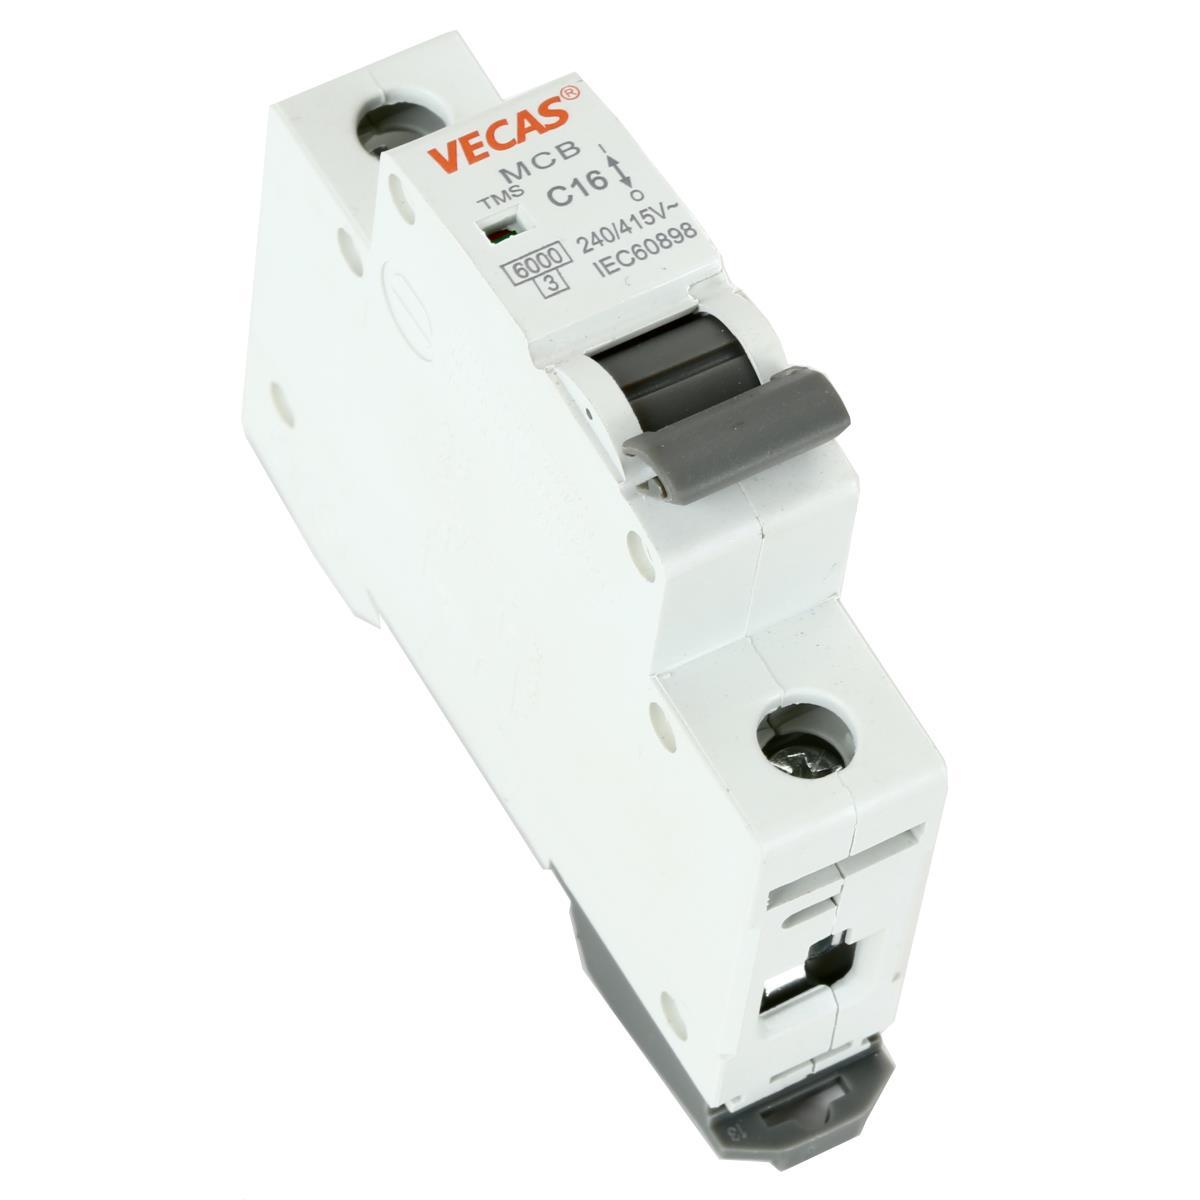 Leitungsschutzschalter Sicherungsautomat  C, 1-polig, 16A LS-Schalter,Vecas,L7-16-1-C, 4770364101403